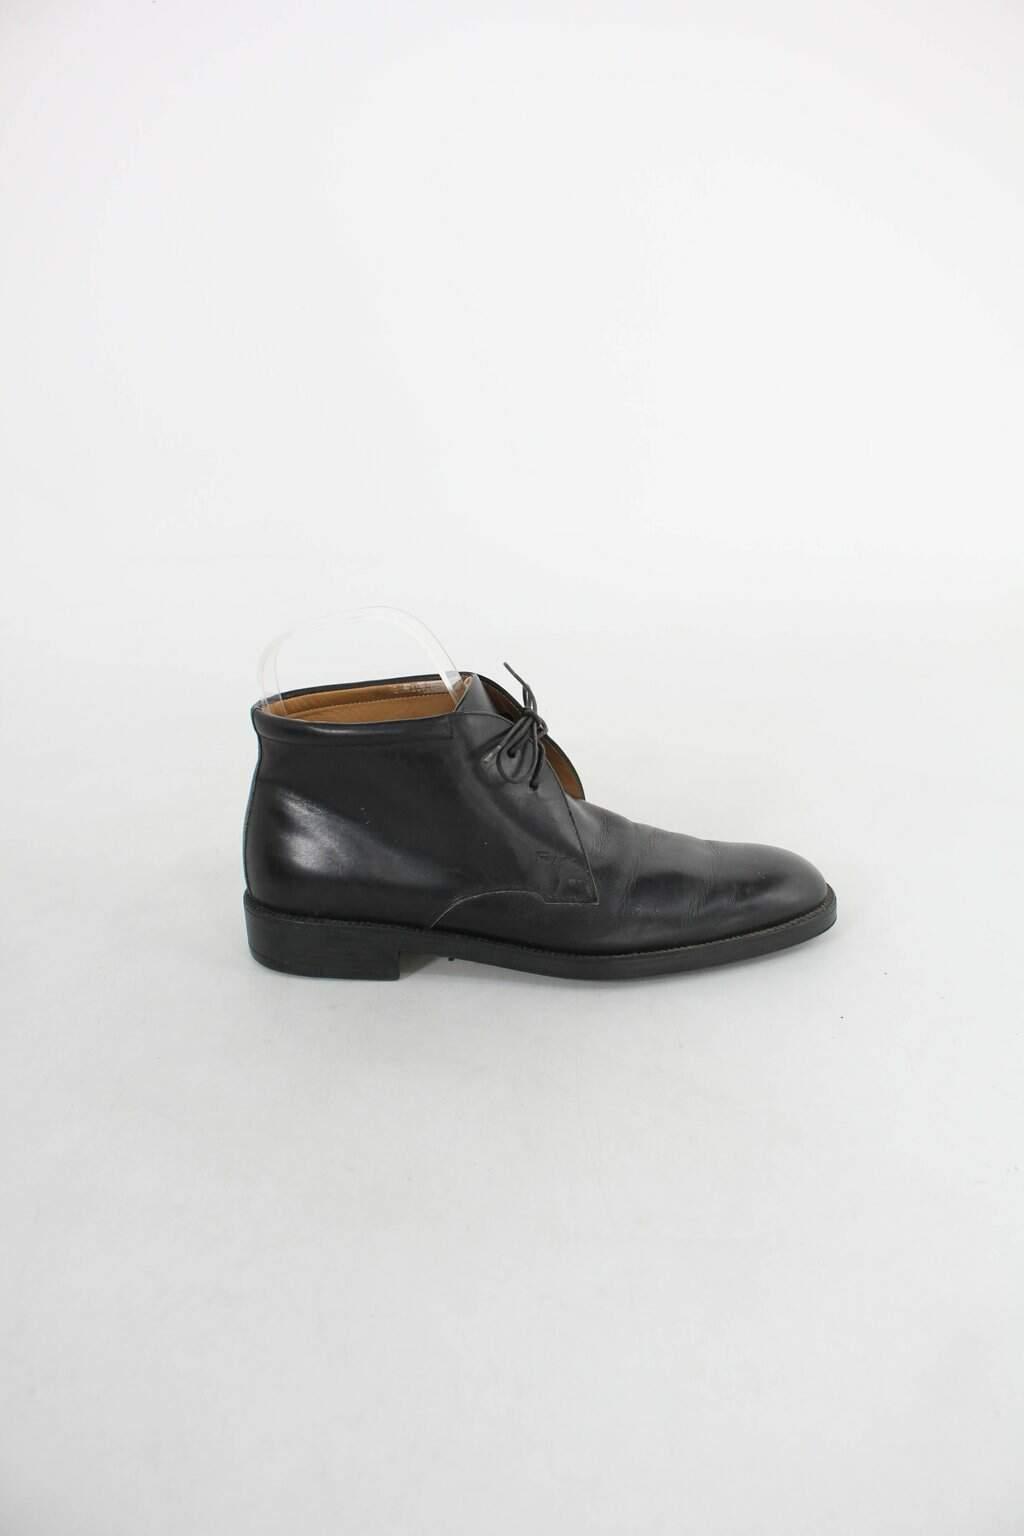 Sapato Salvatore Ferragamo masculino preto